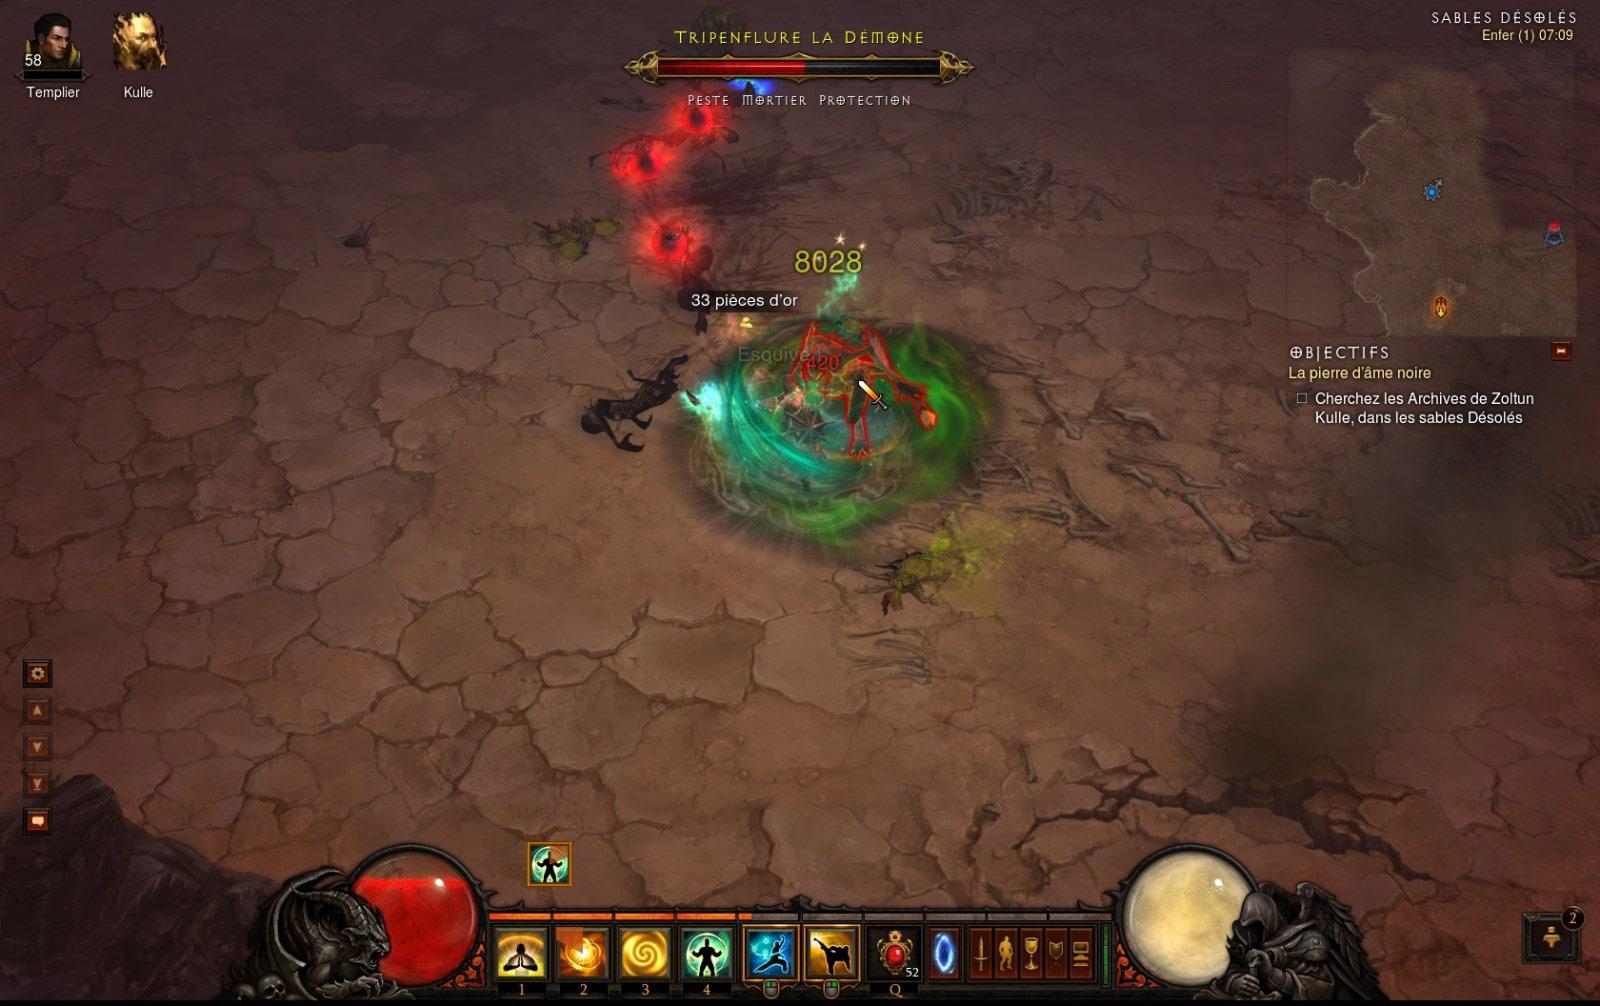 Screenshot réalisé par Kheopsis.